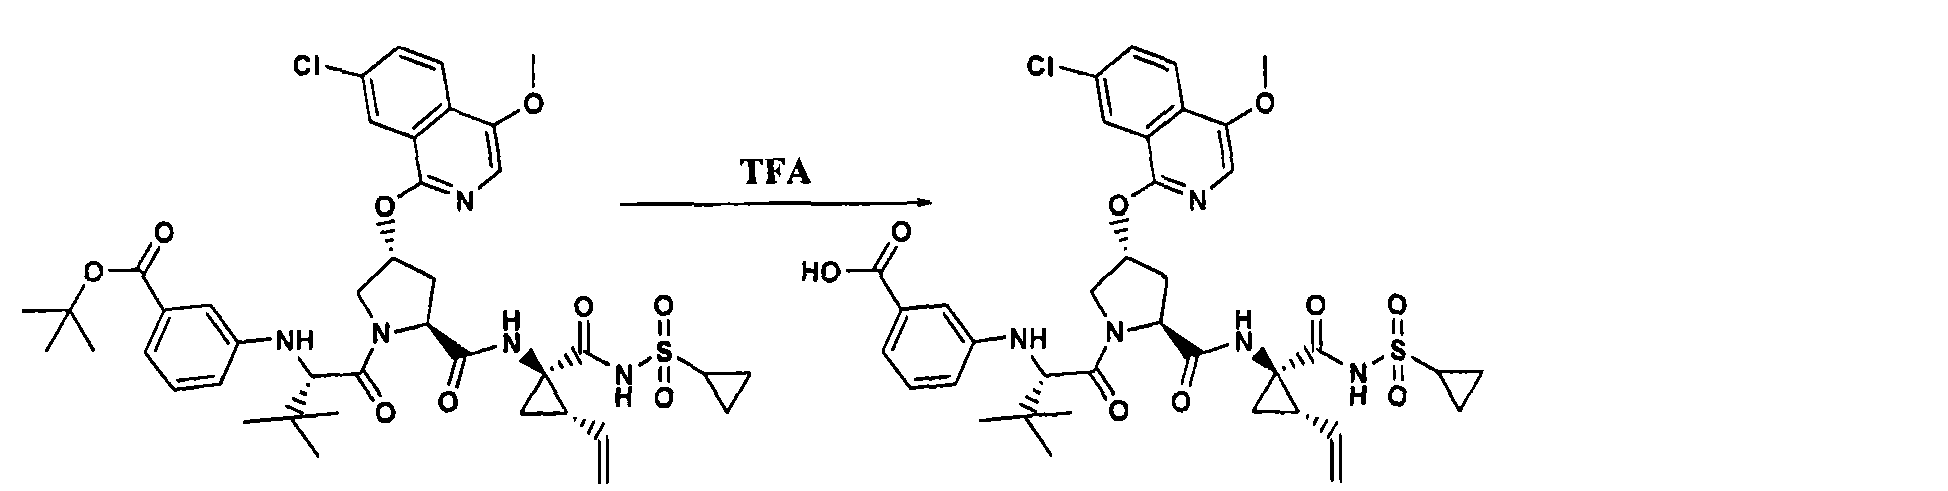 Figure CN101541784BD01352